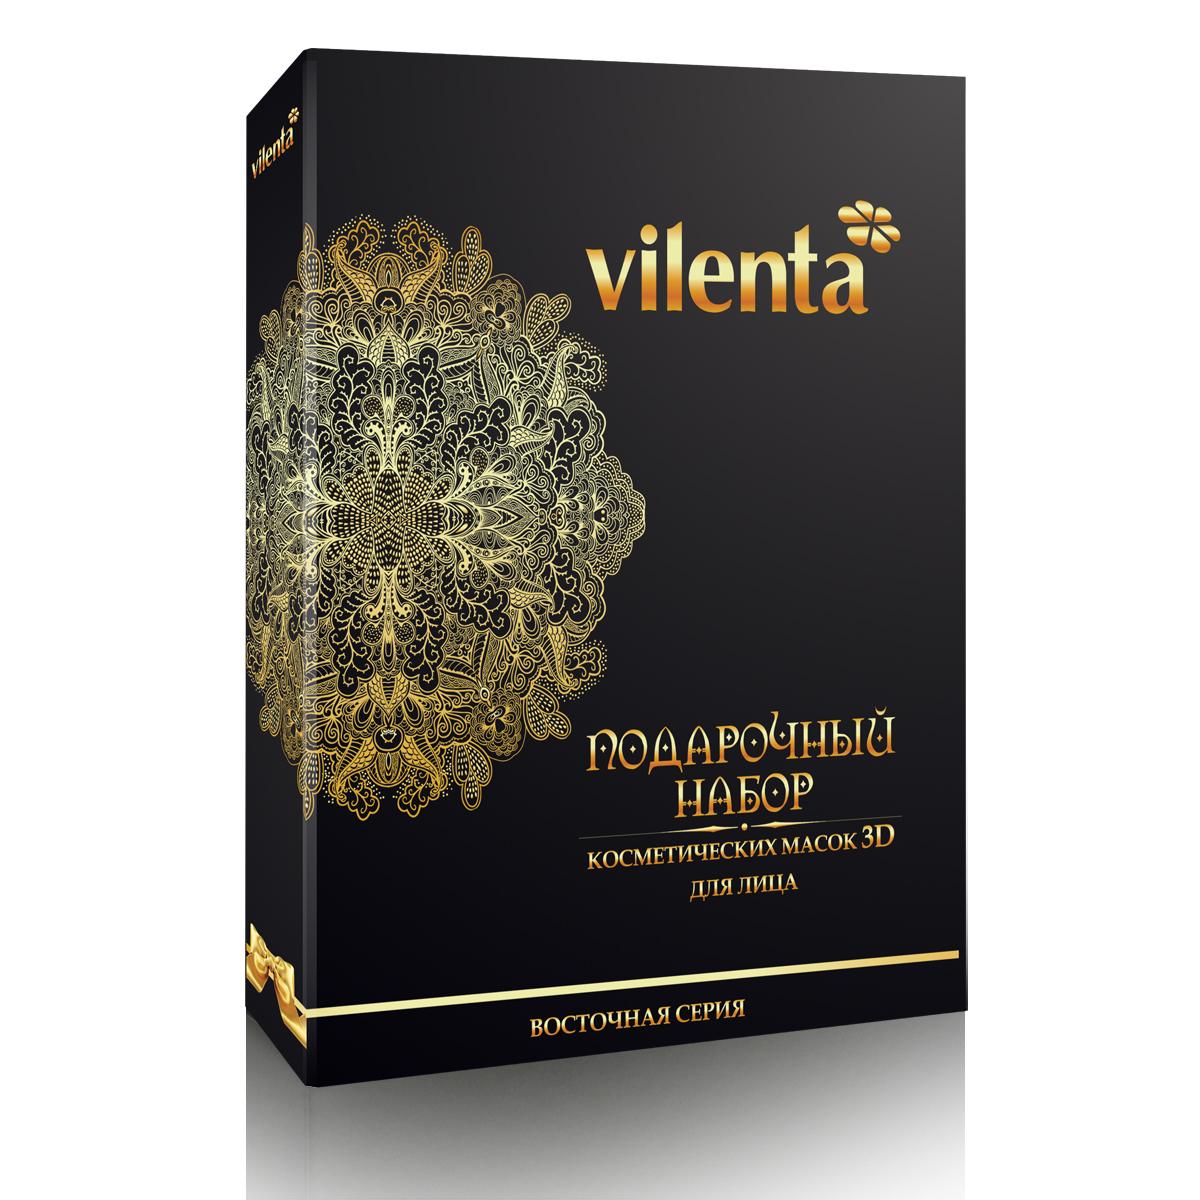 Vilenta Подарочный набор Восточная серия (5масок) Лицо+шея, 140 млВВС001Набор с косметическими масками для лица - хит продаж!